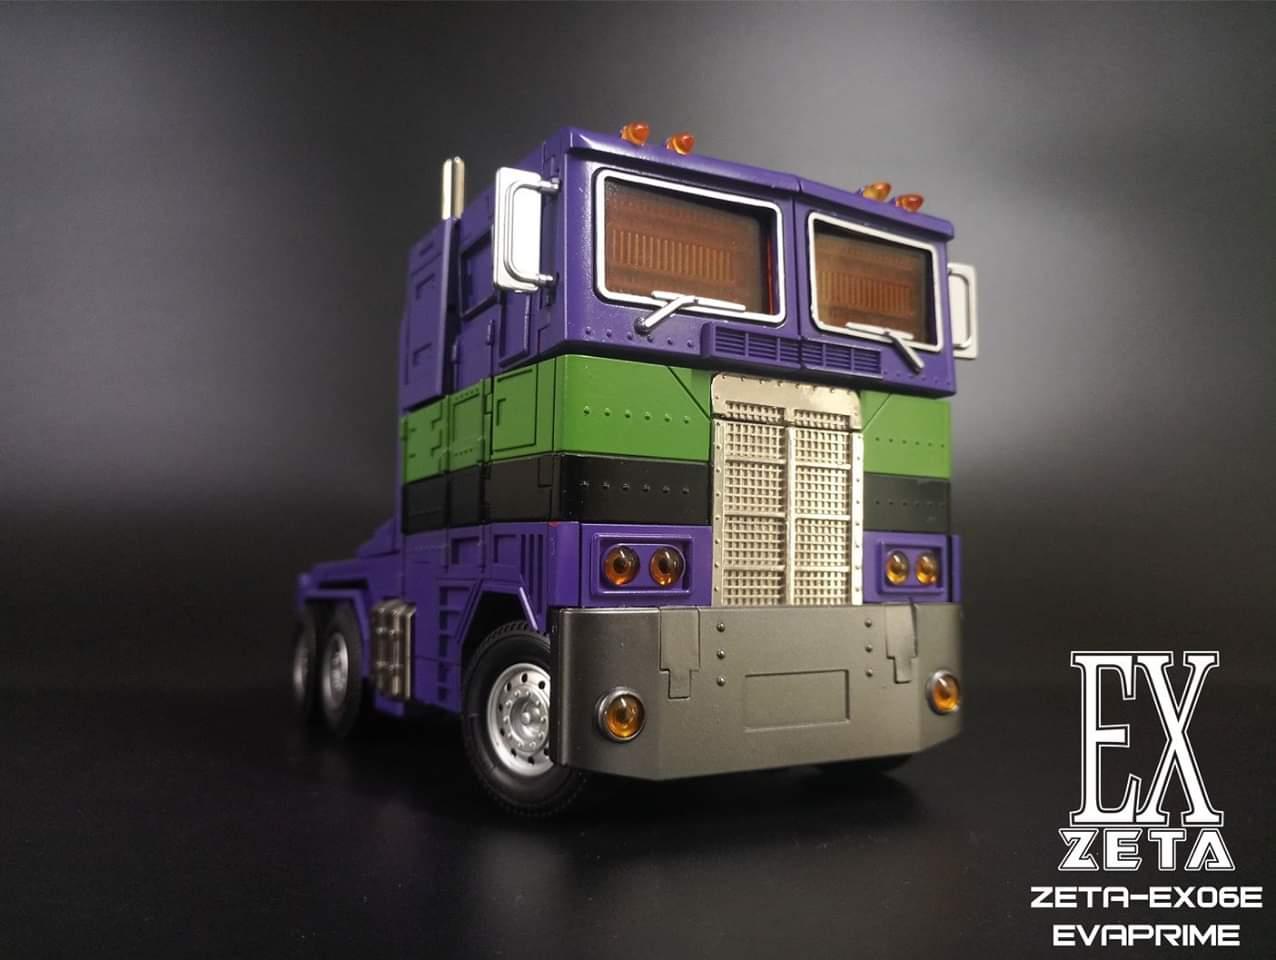 [ToyWorld][ZetaToys] Produit Tiers - TW-M01 Primorion/Zeta-EX6O OriPrime et Zeta -EX6E EvaPrime - aka Optimus (G1 et Evangelion) - Page 3 HCFovmW4_o